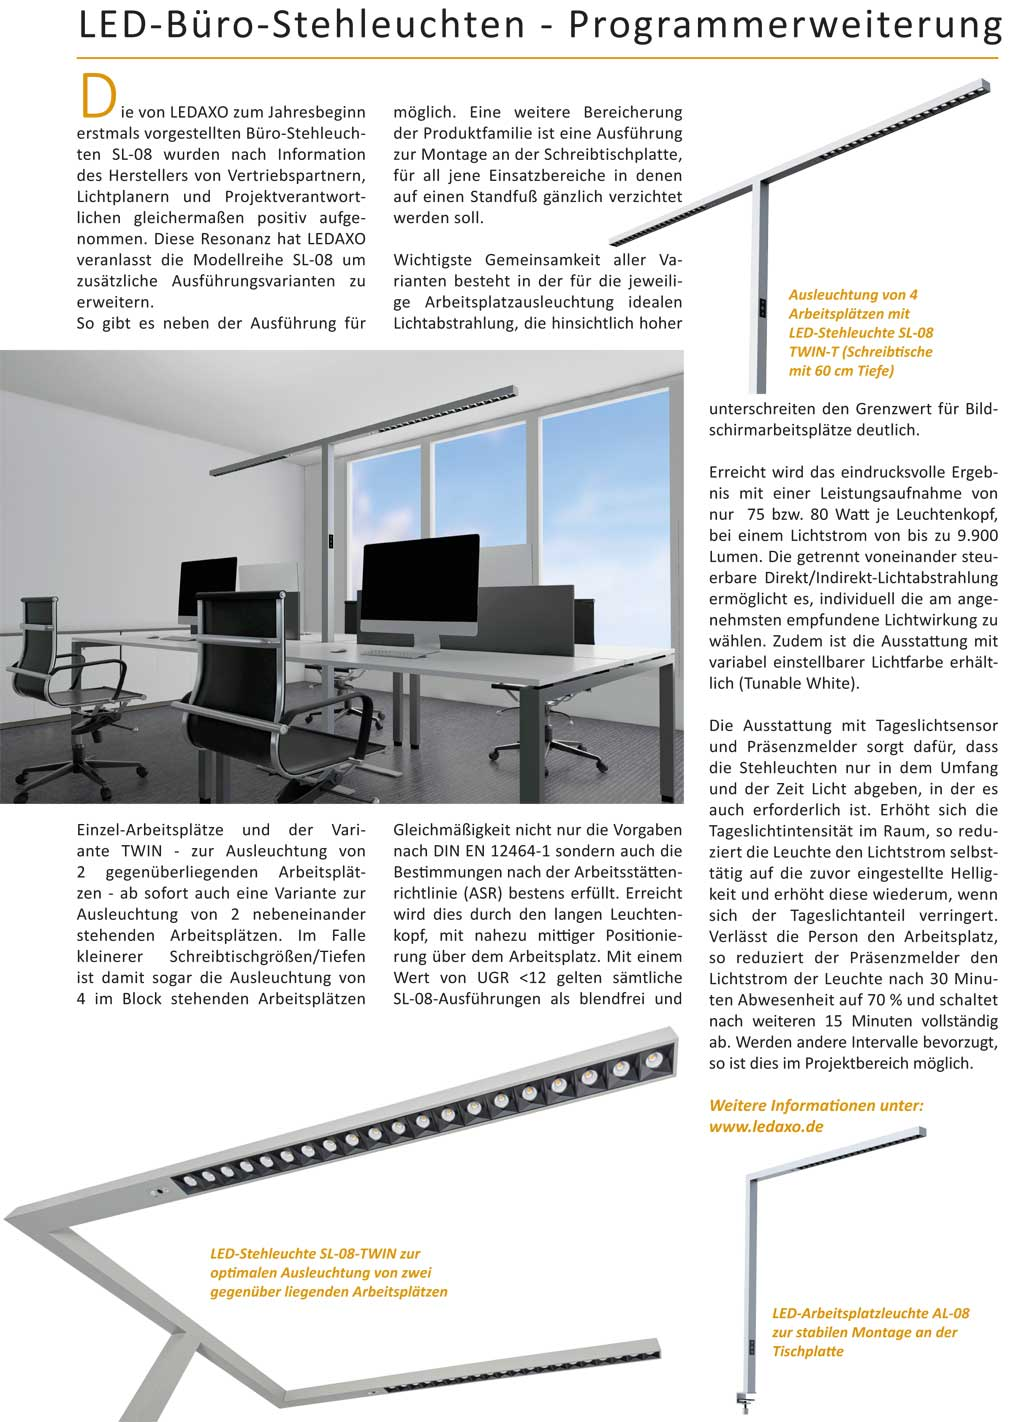 Presseveröffentlichung bel etage, Ausgabe 17 / Jahrgang 06 (Herbst/Winter 2020)